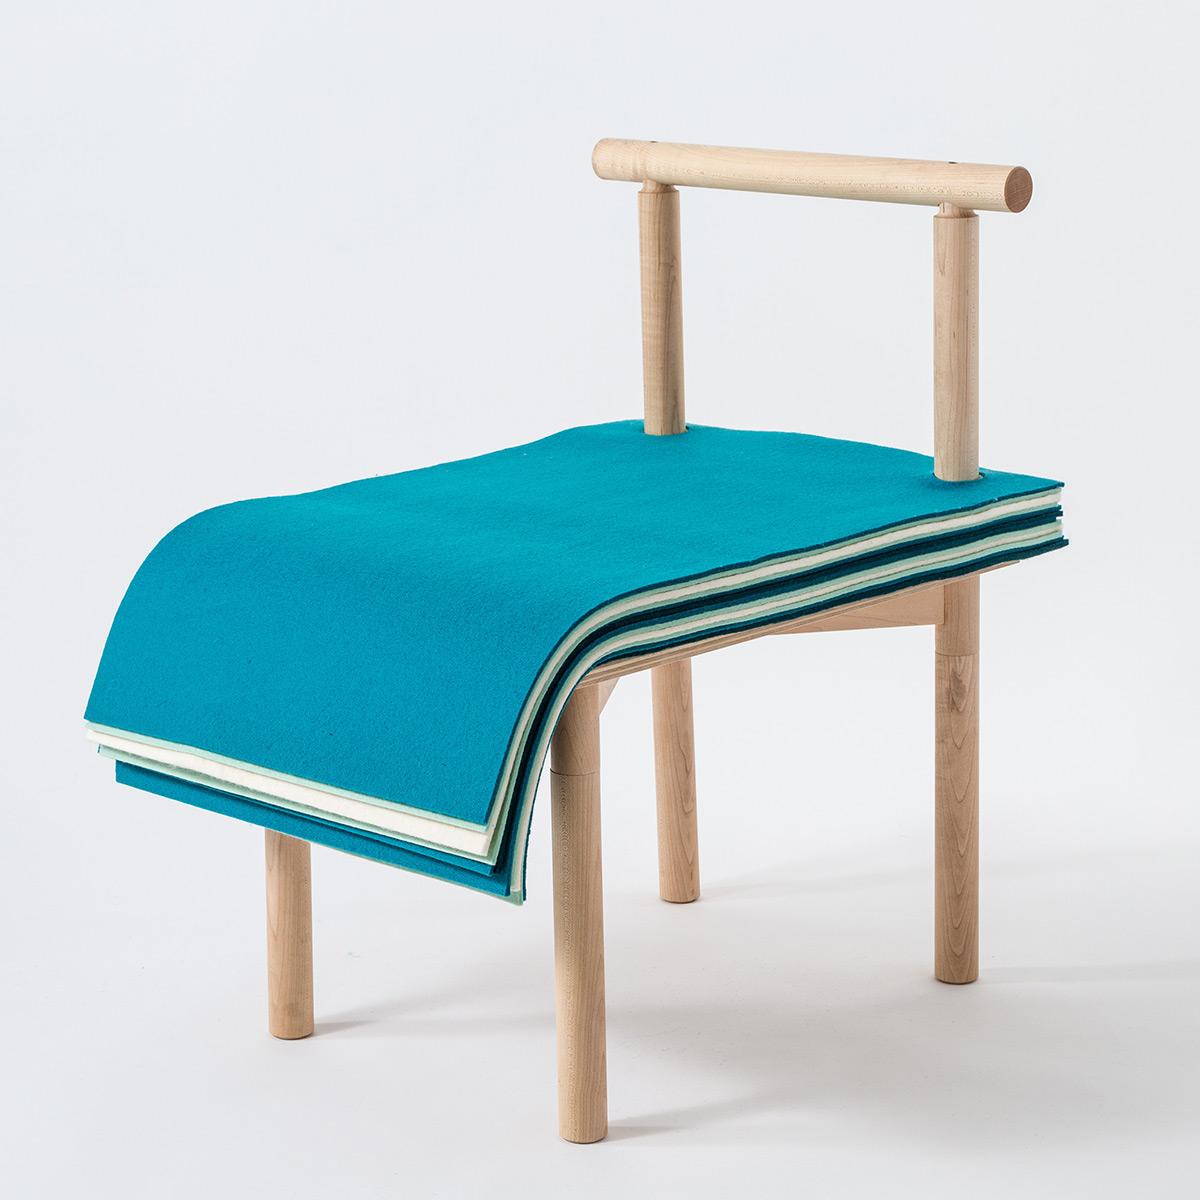 Pages-chair-Noriko-Hashida-04